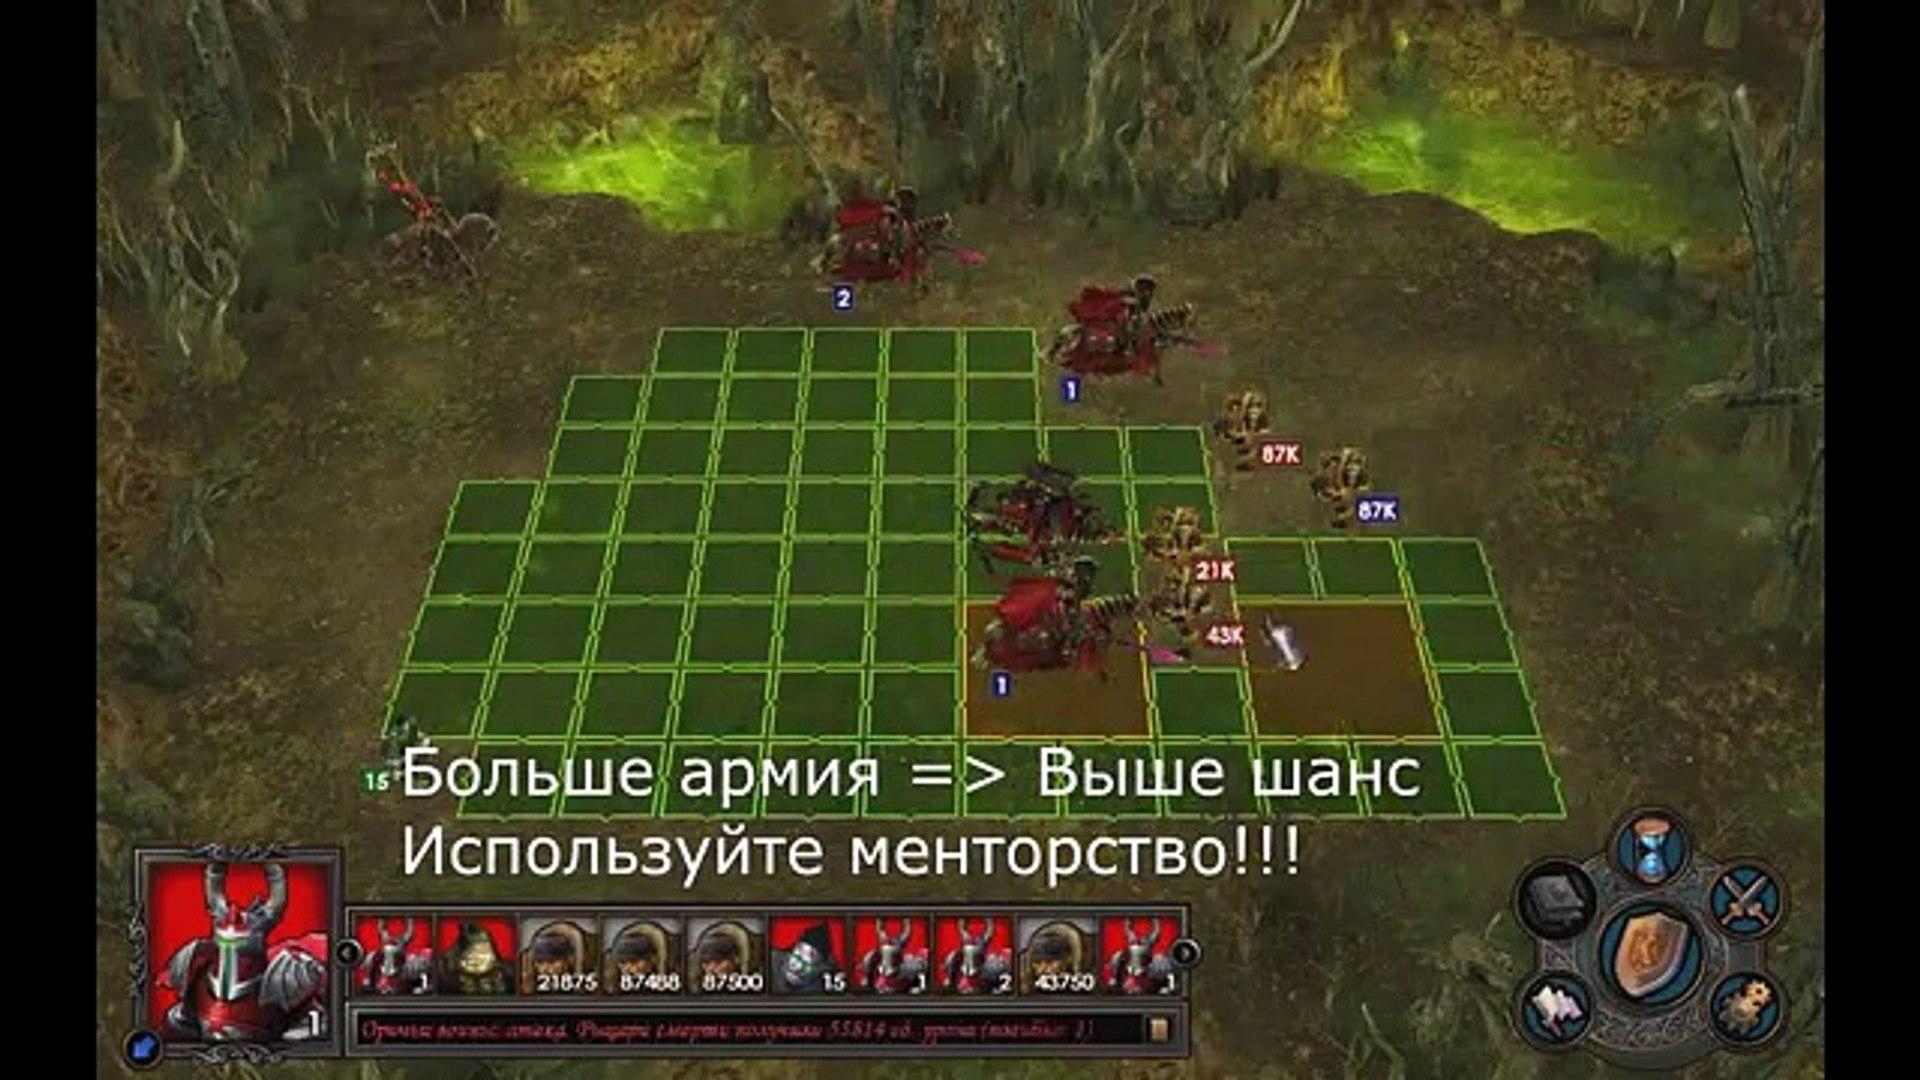 Heroes of might and magic 5. Убиваем 47 000 орков одним ударом